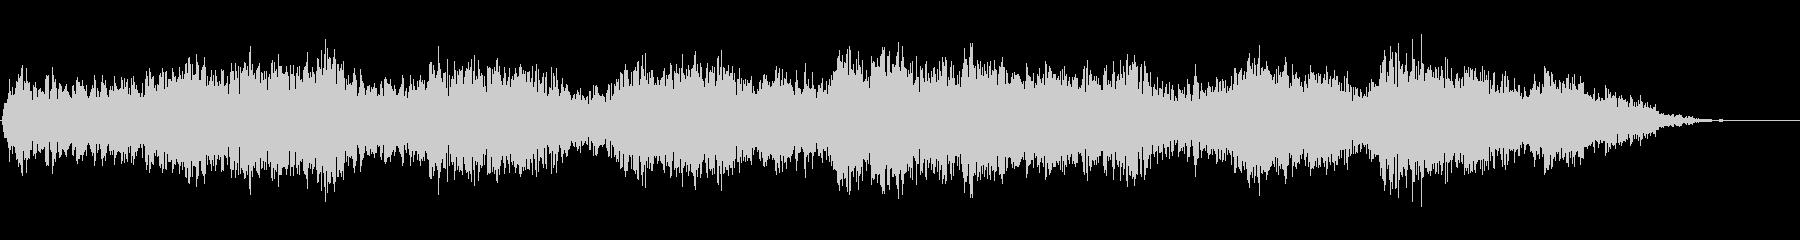 背景音 ホラー 9の未再生の波形